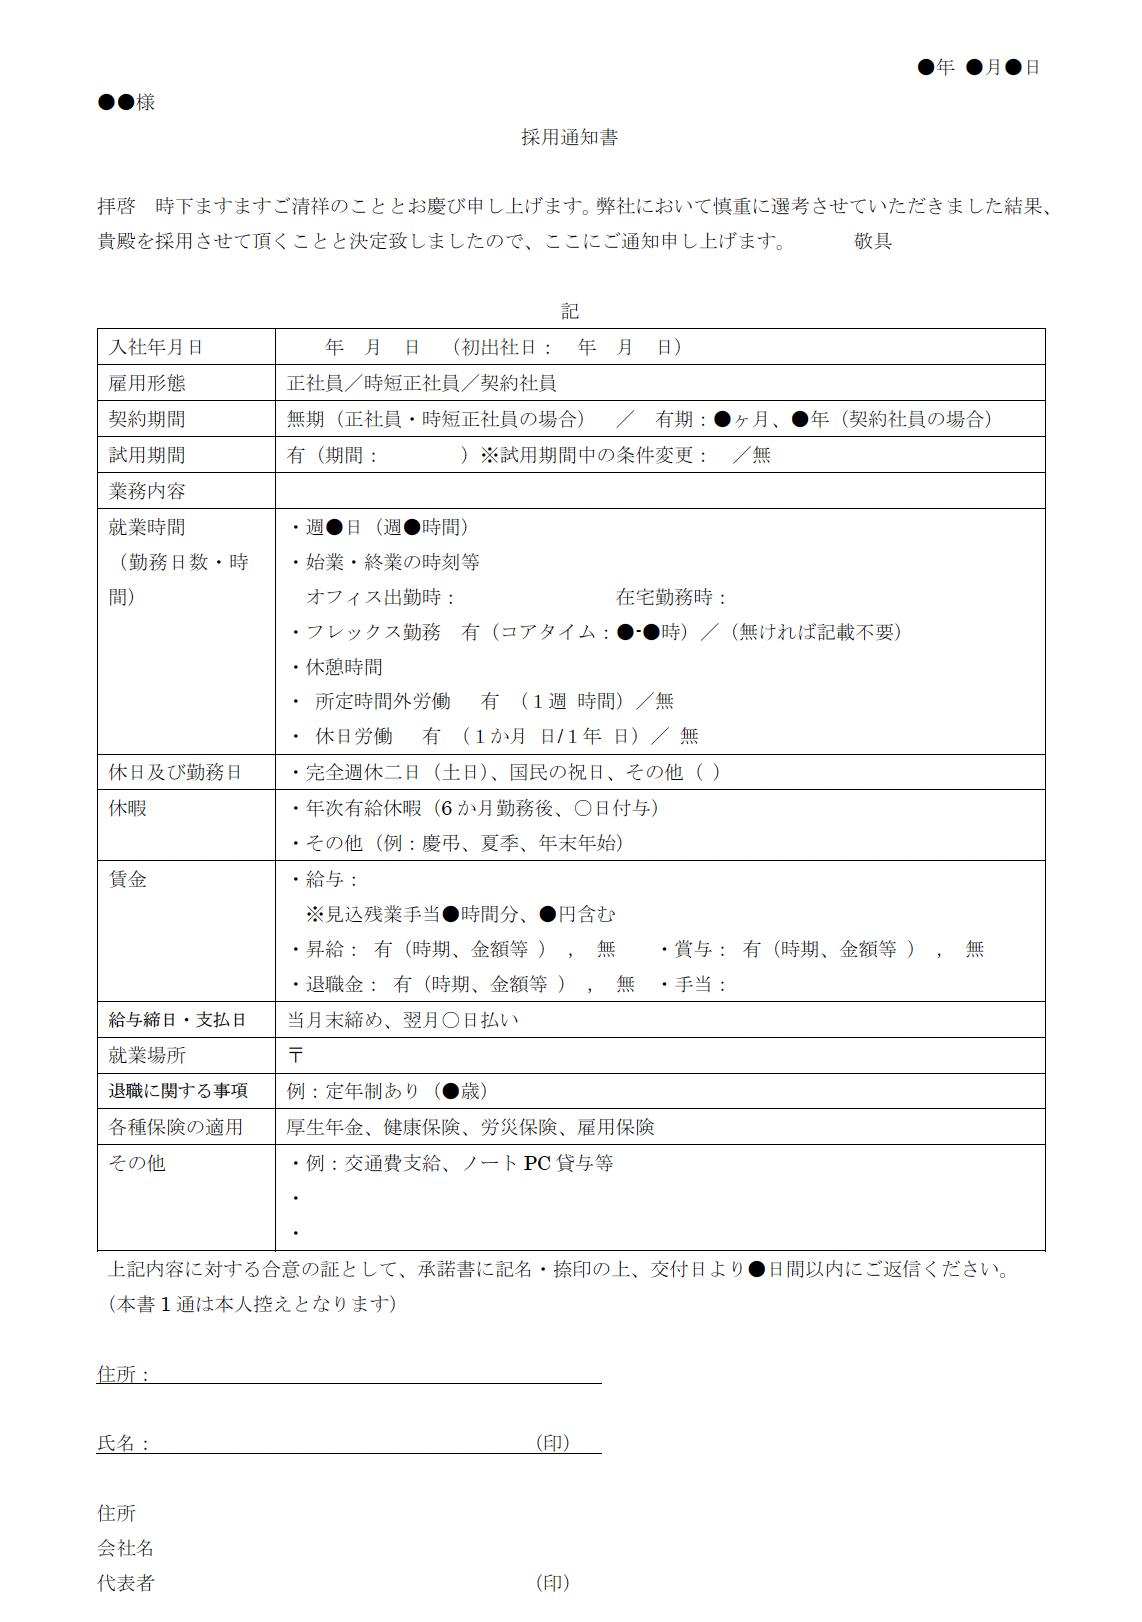 【例】オファーレター